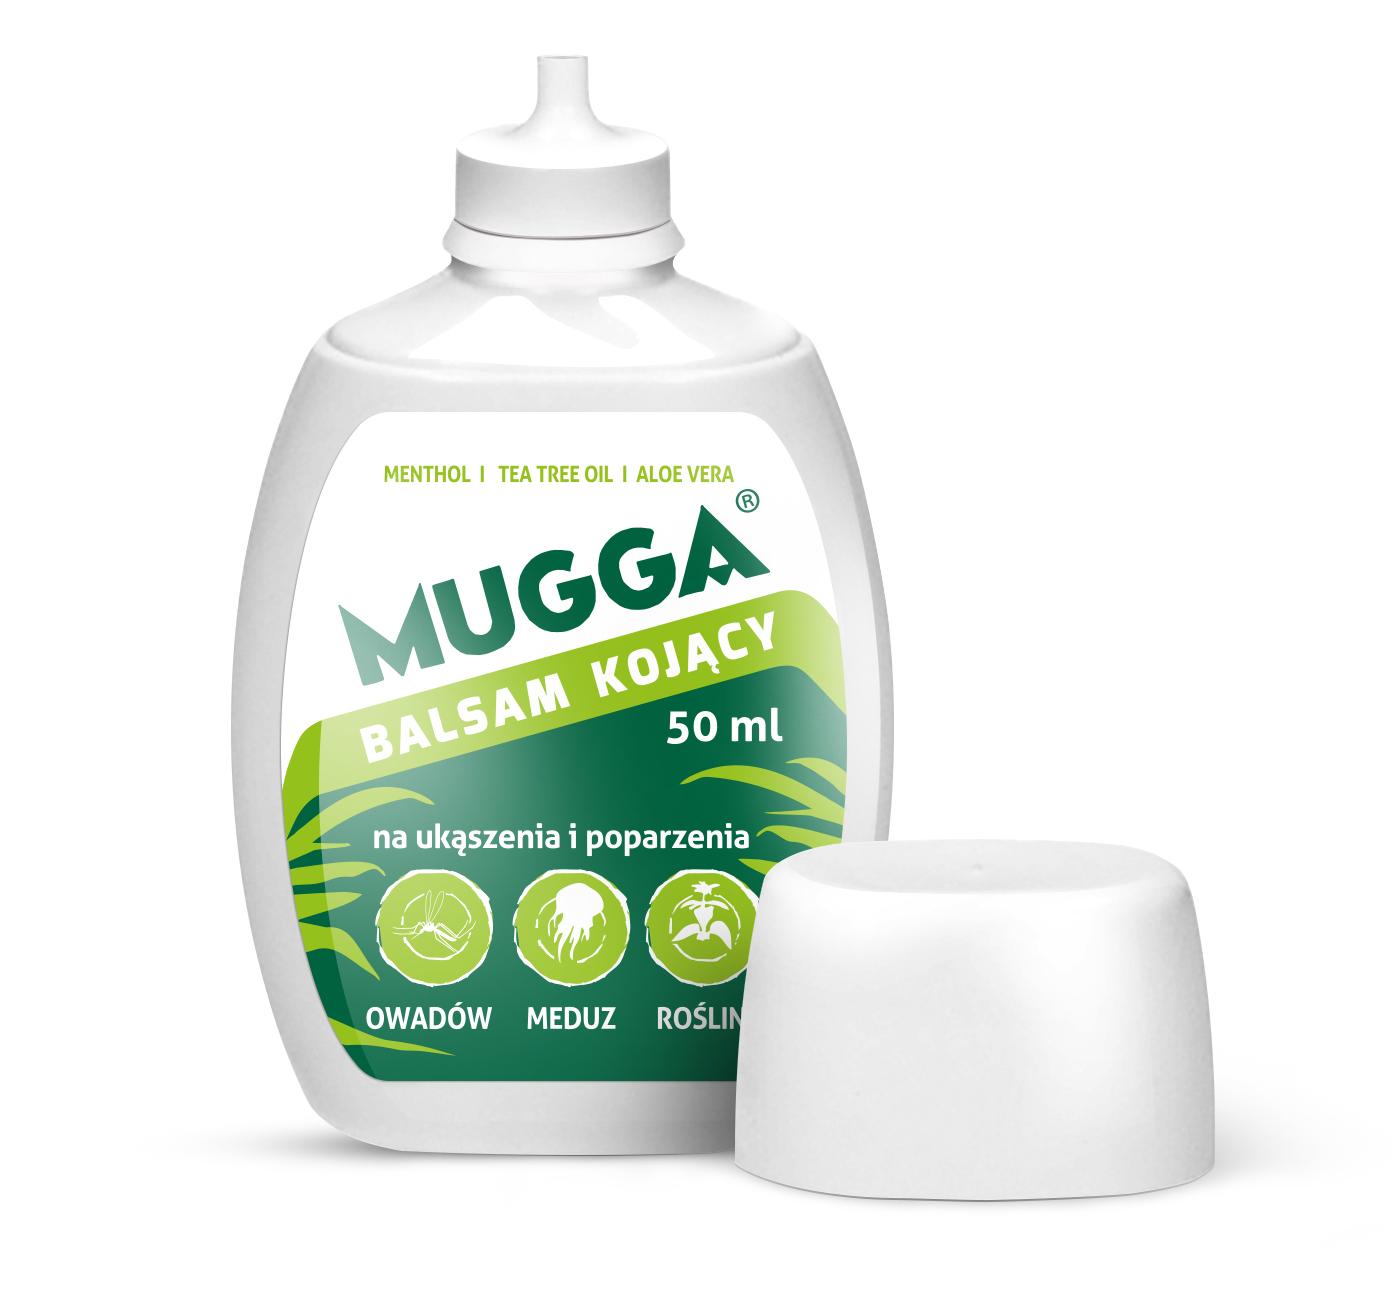 Balsam kojący MUGGA na ukąszenia 50 ml